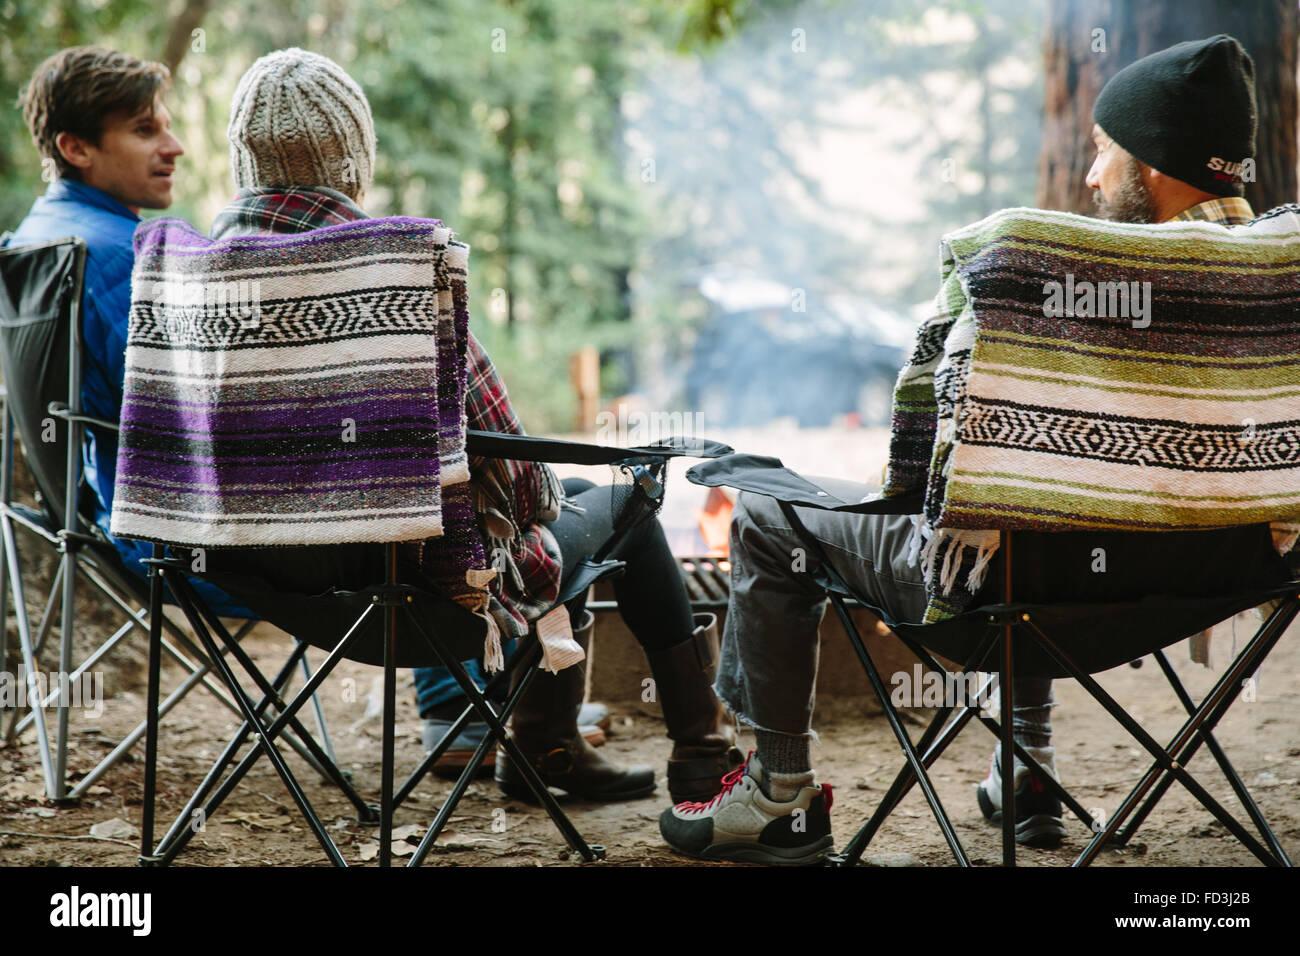 Tres amigos pueden sentarse alrededor de una fogata en Big Sur, California. Imagen De Stock